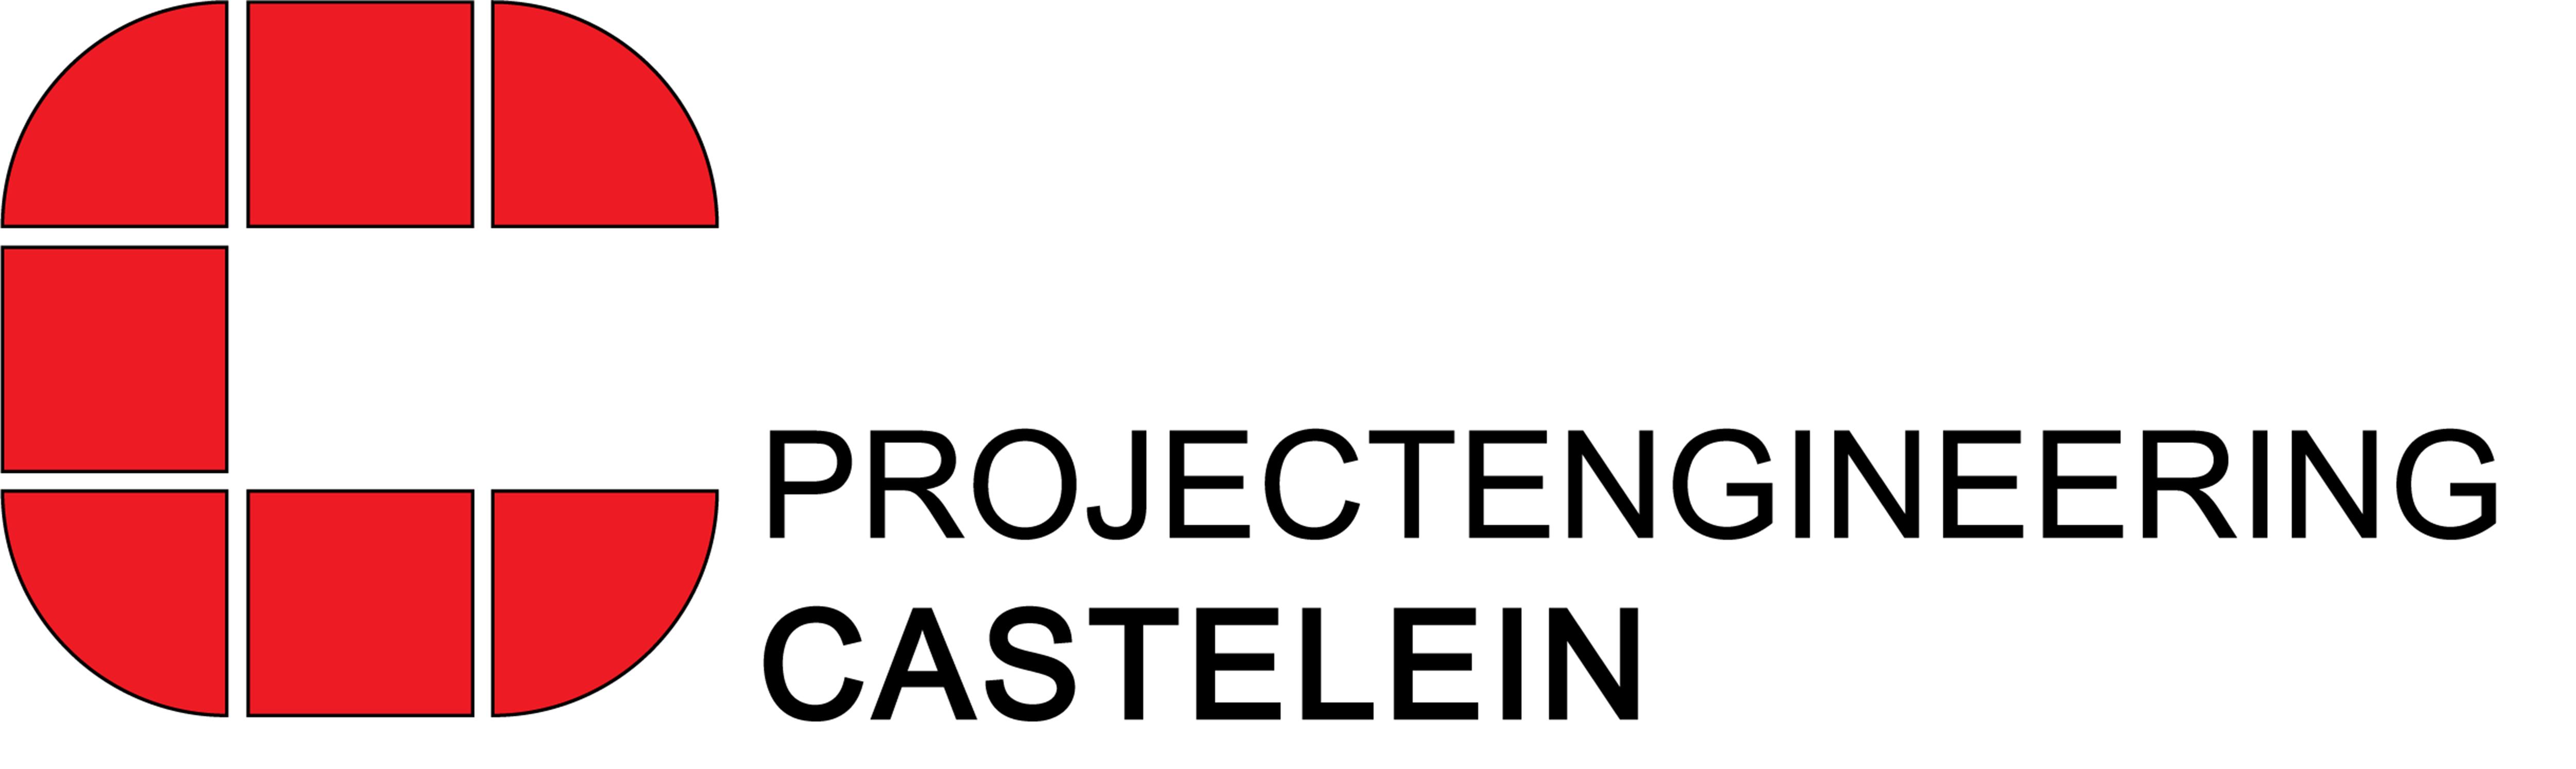 Projectengineering Castelein